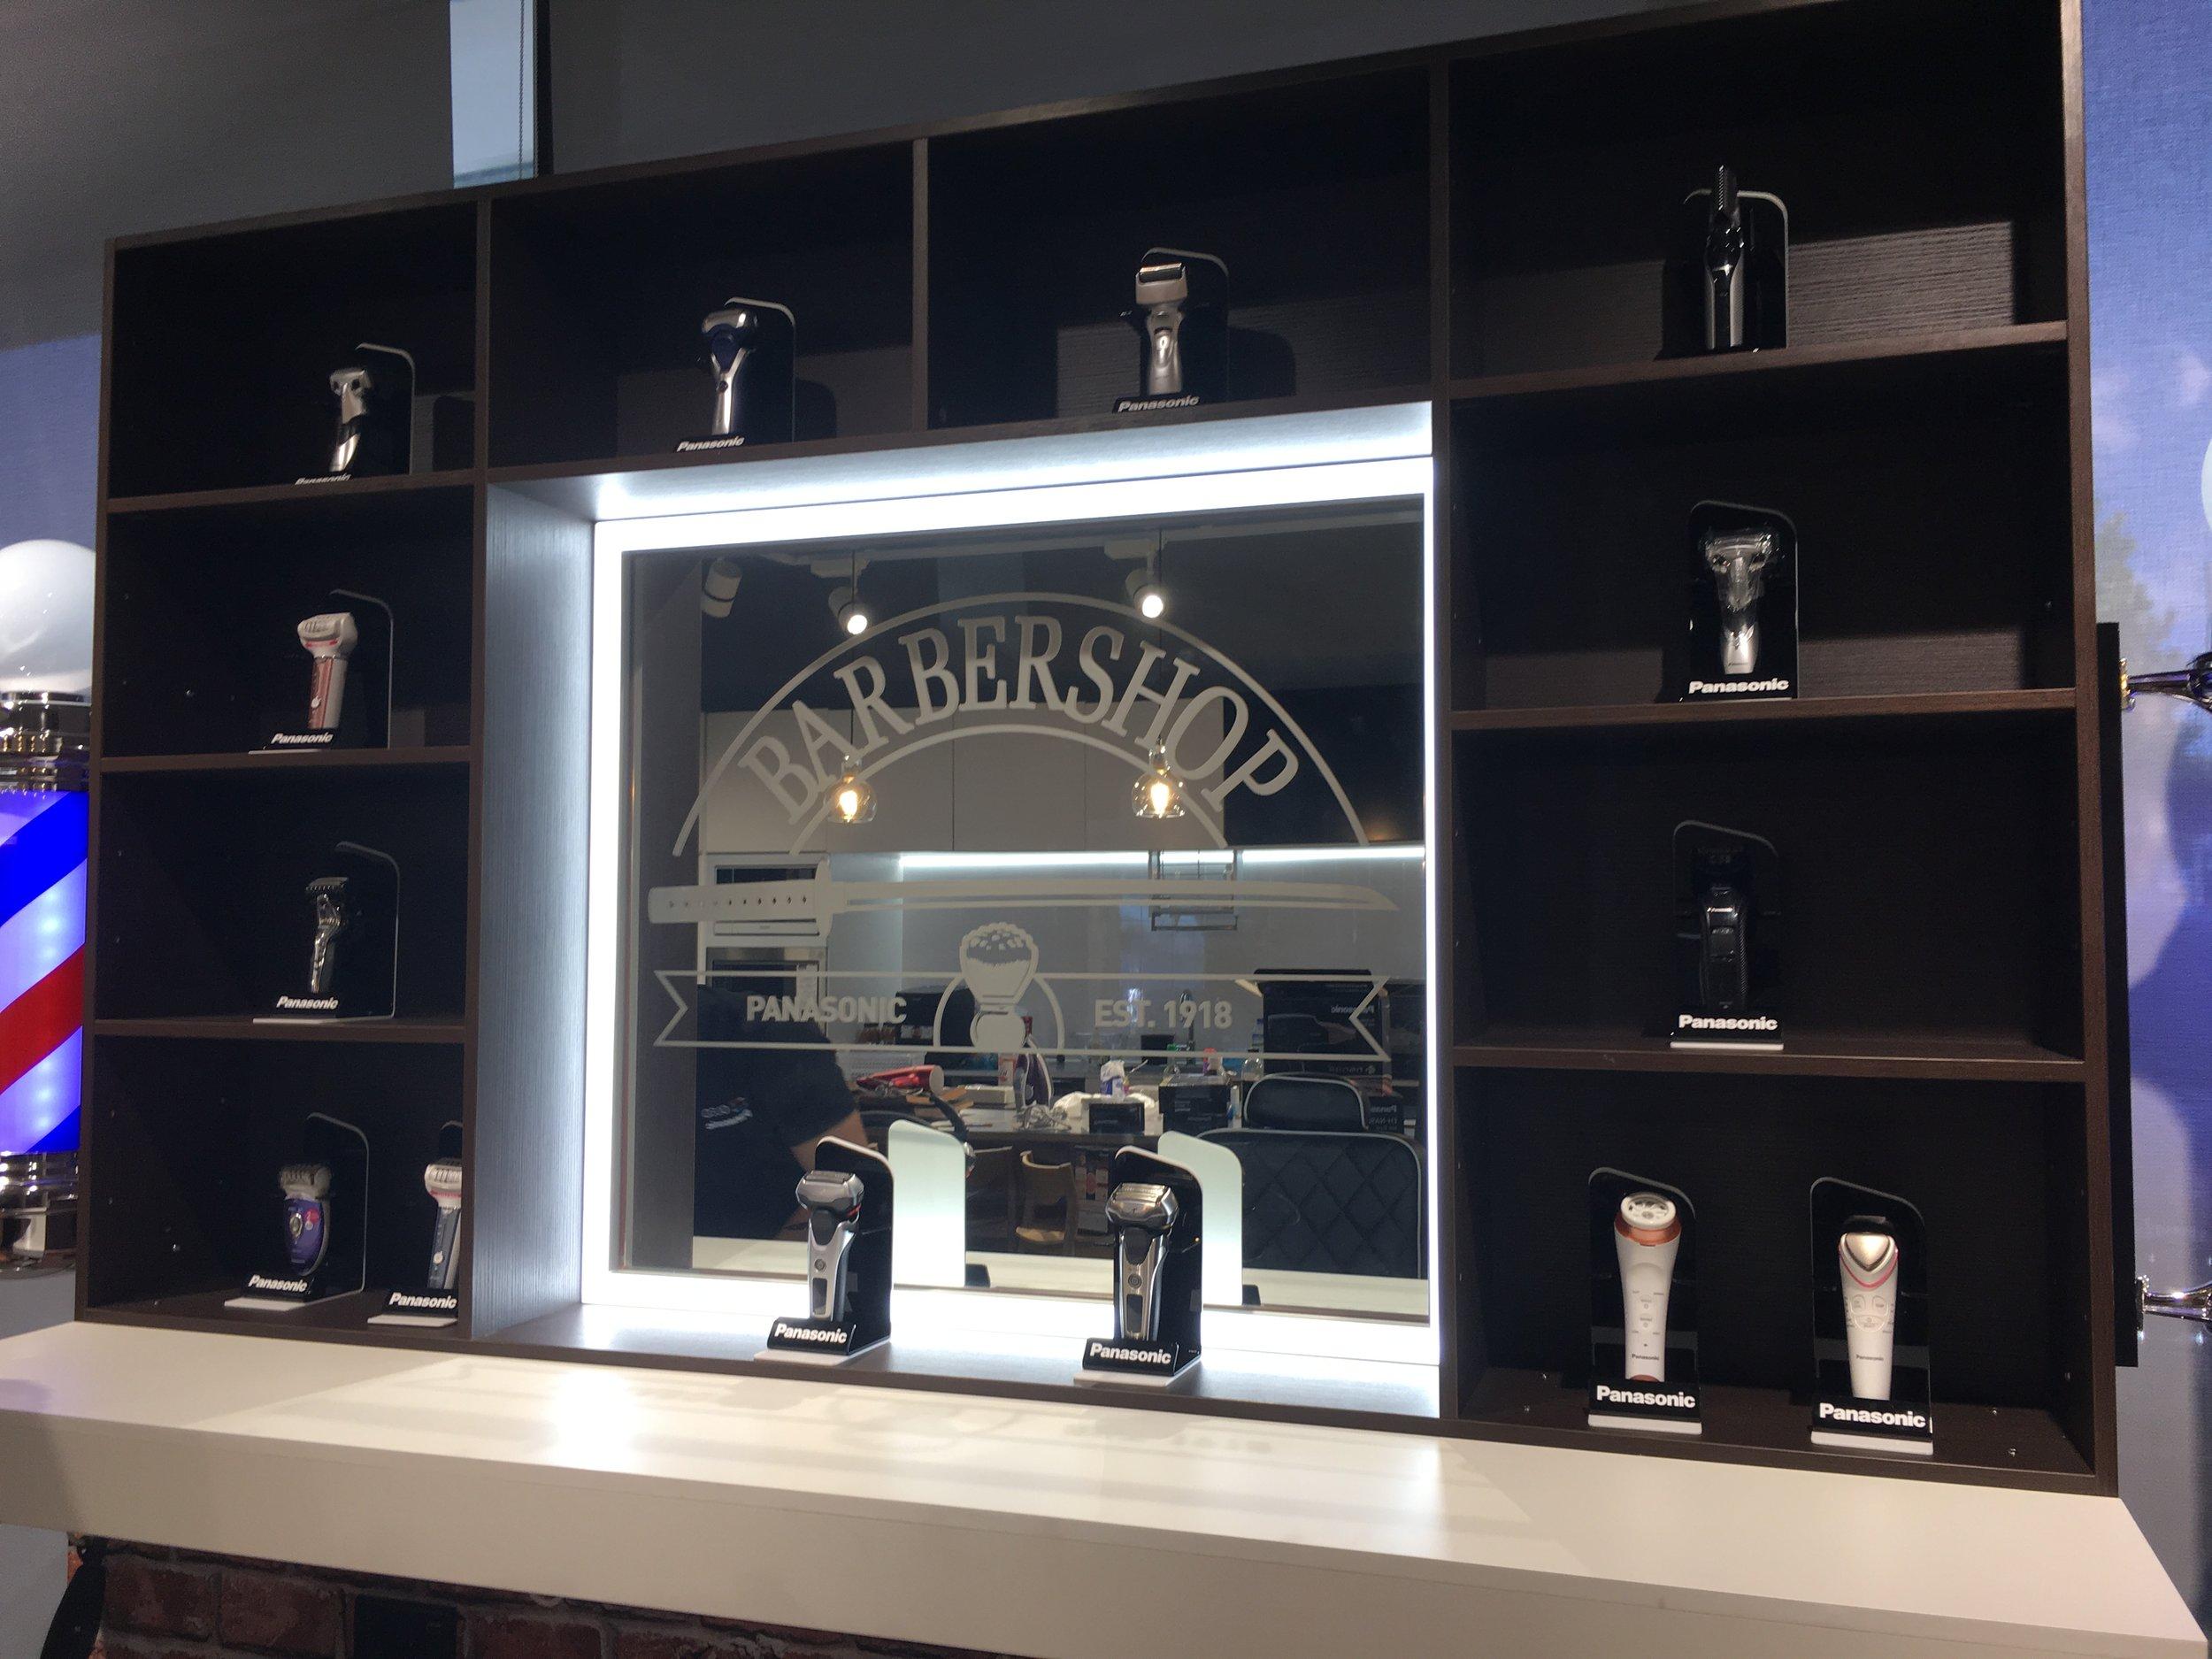 Panasonic Barber's Shop Display Stand